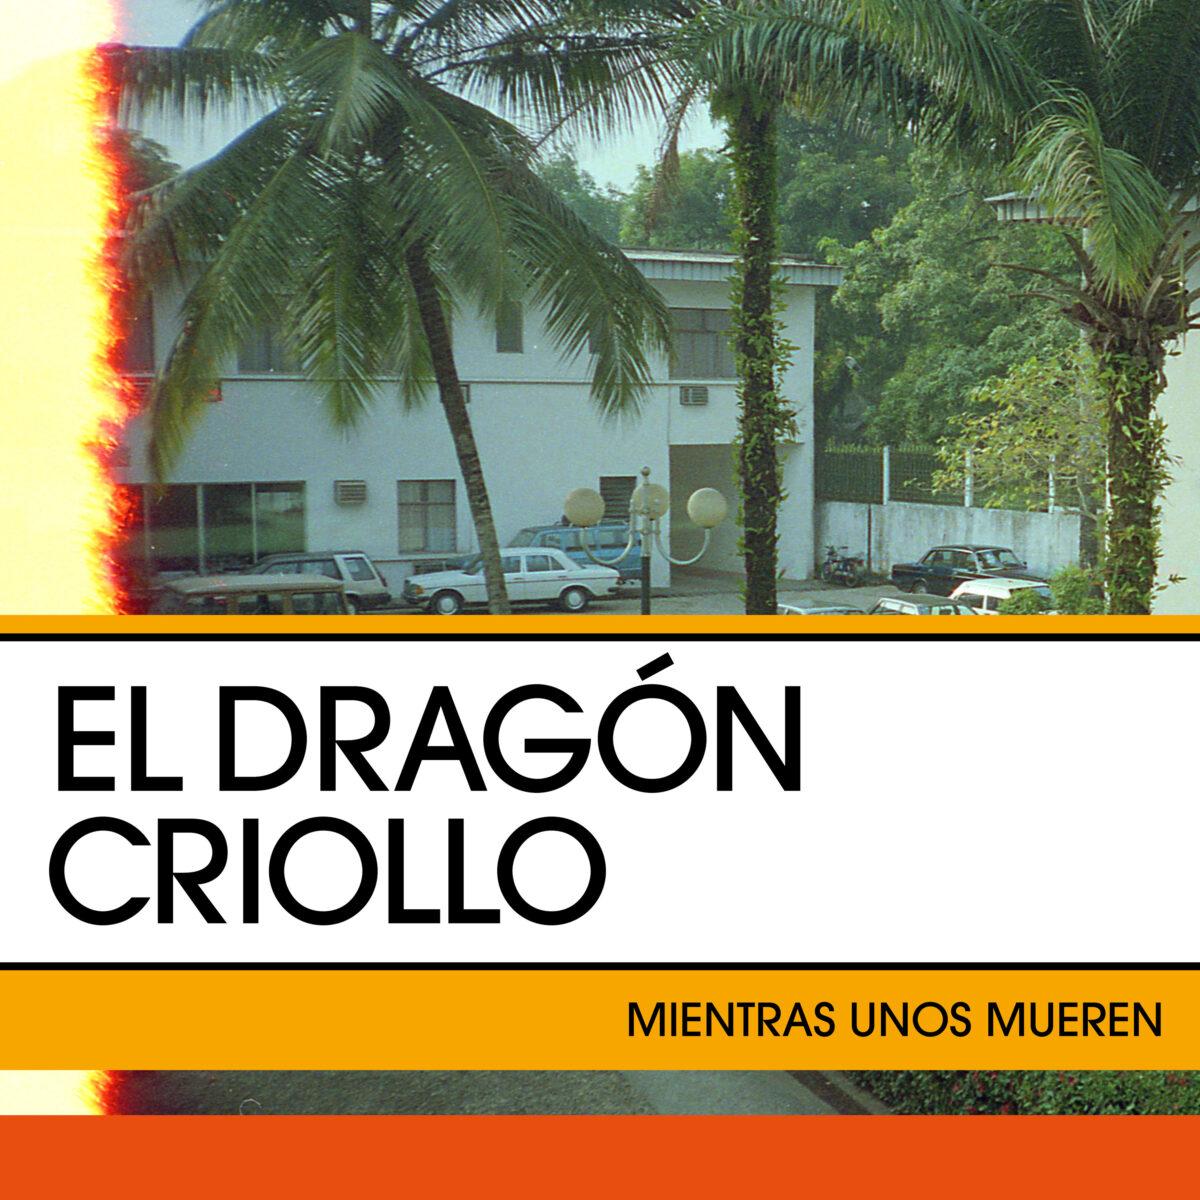 el dragon criollo presenta mientras unos mueren unnamed 8